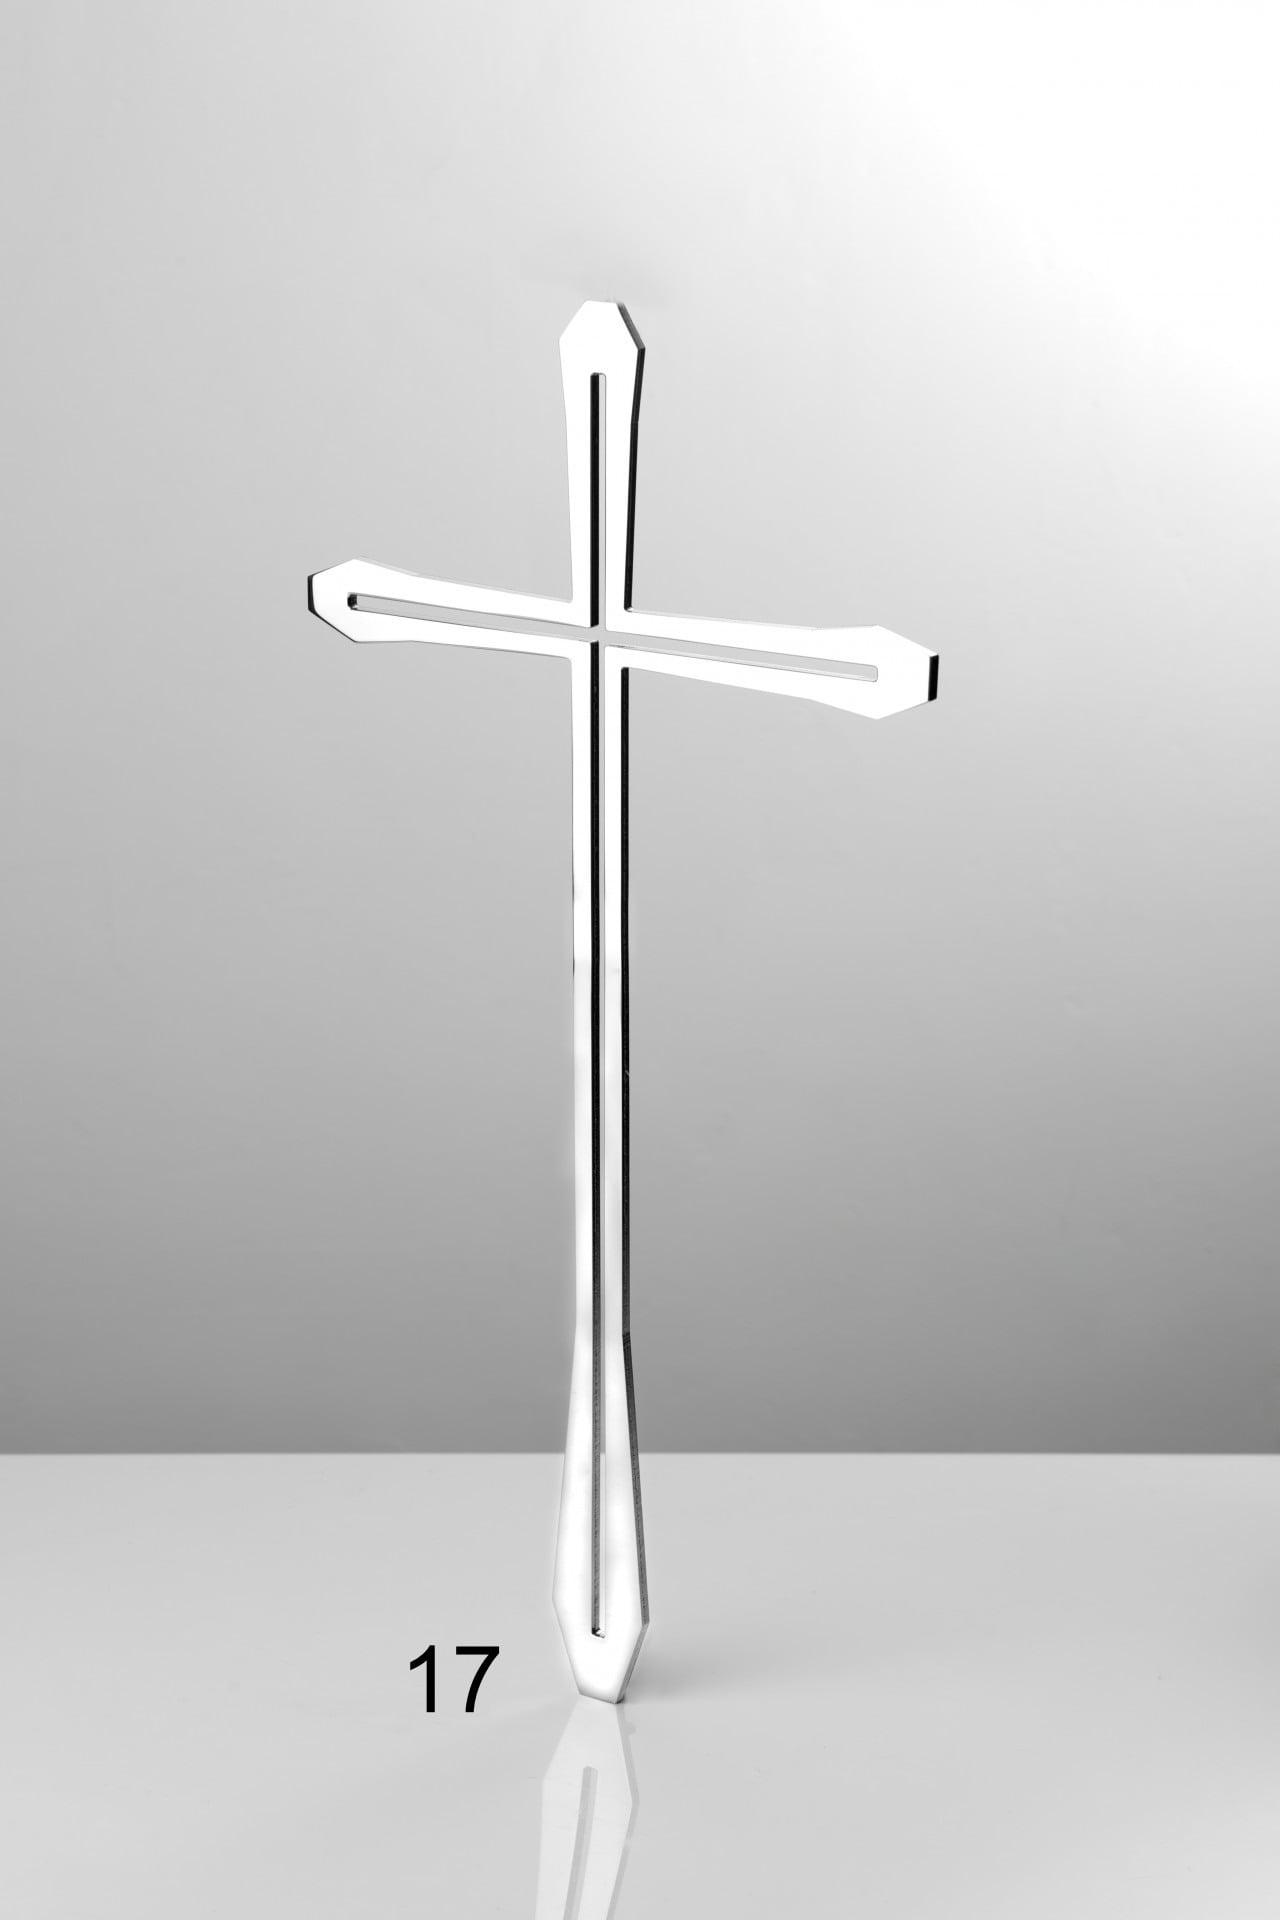 Krzyżyk - Nagrobki Bielsko-Biała